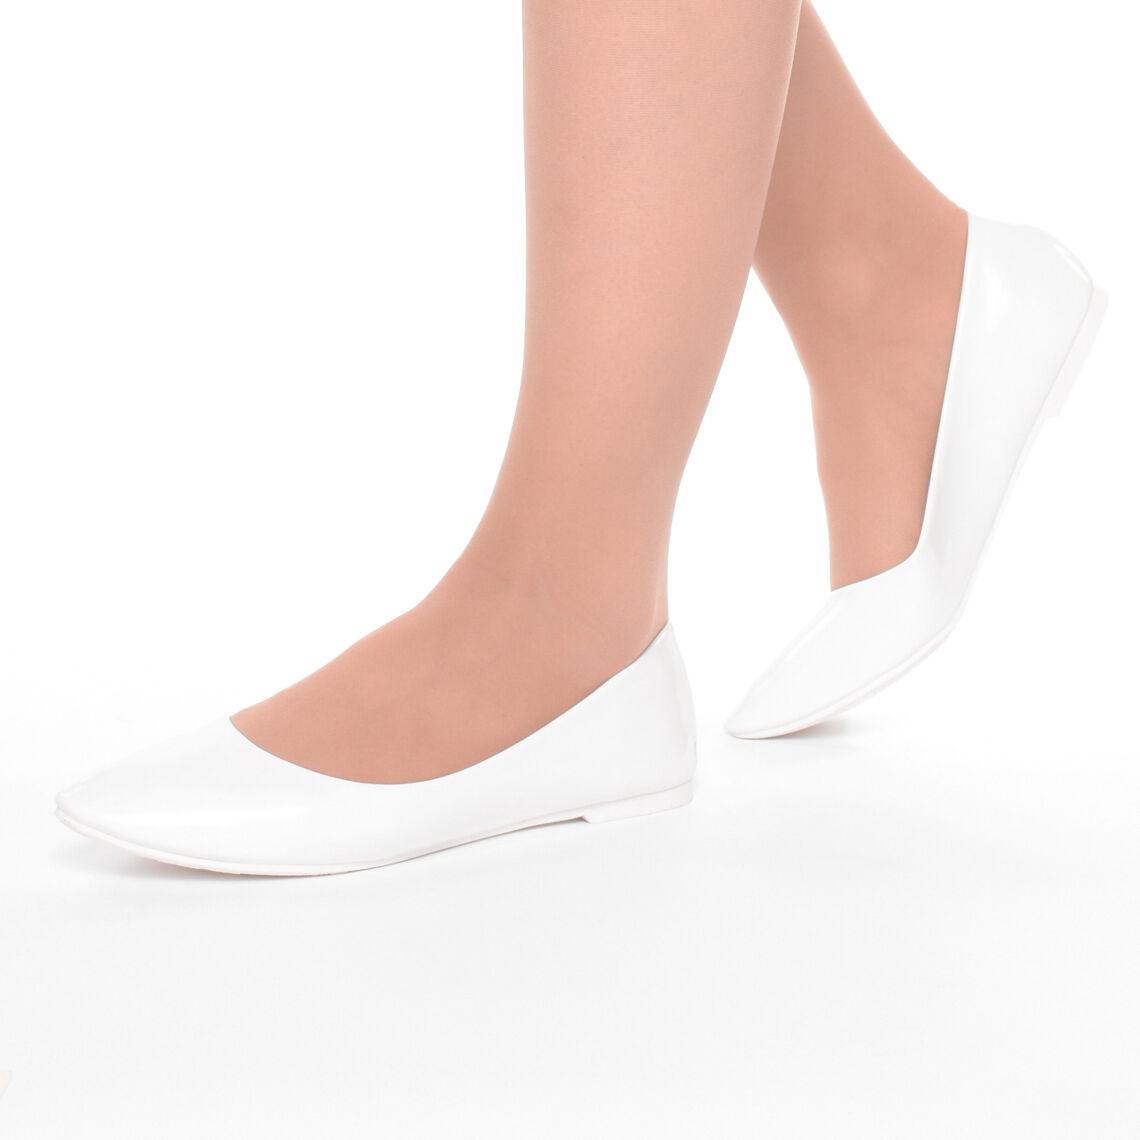 e3e614aa5a Női Fehér Lakk Hegyes orrú Balerina Cipő - BALERINA CIPŐK - Női cipő ...